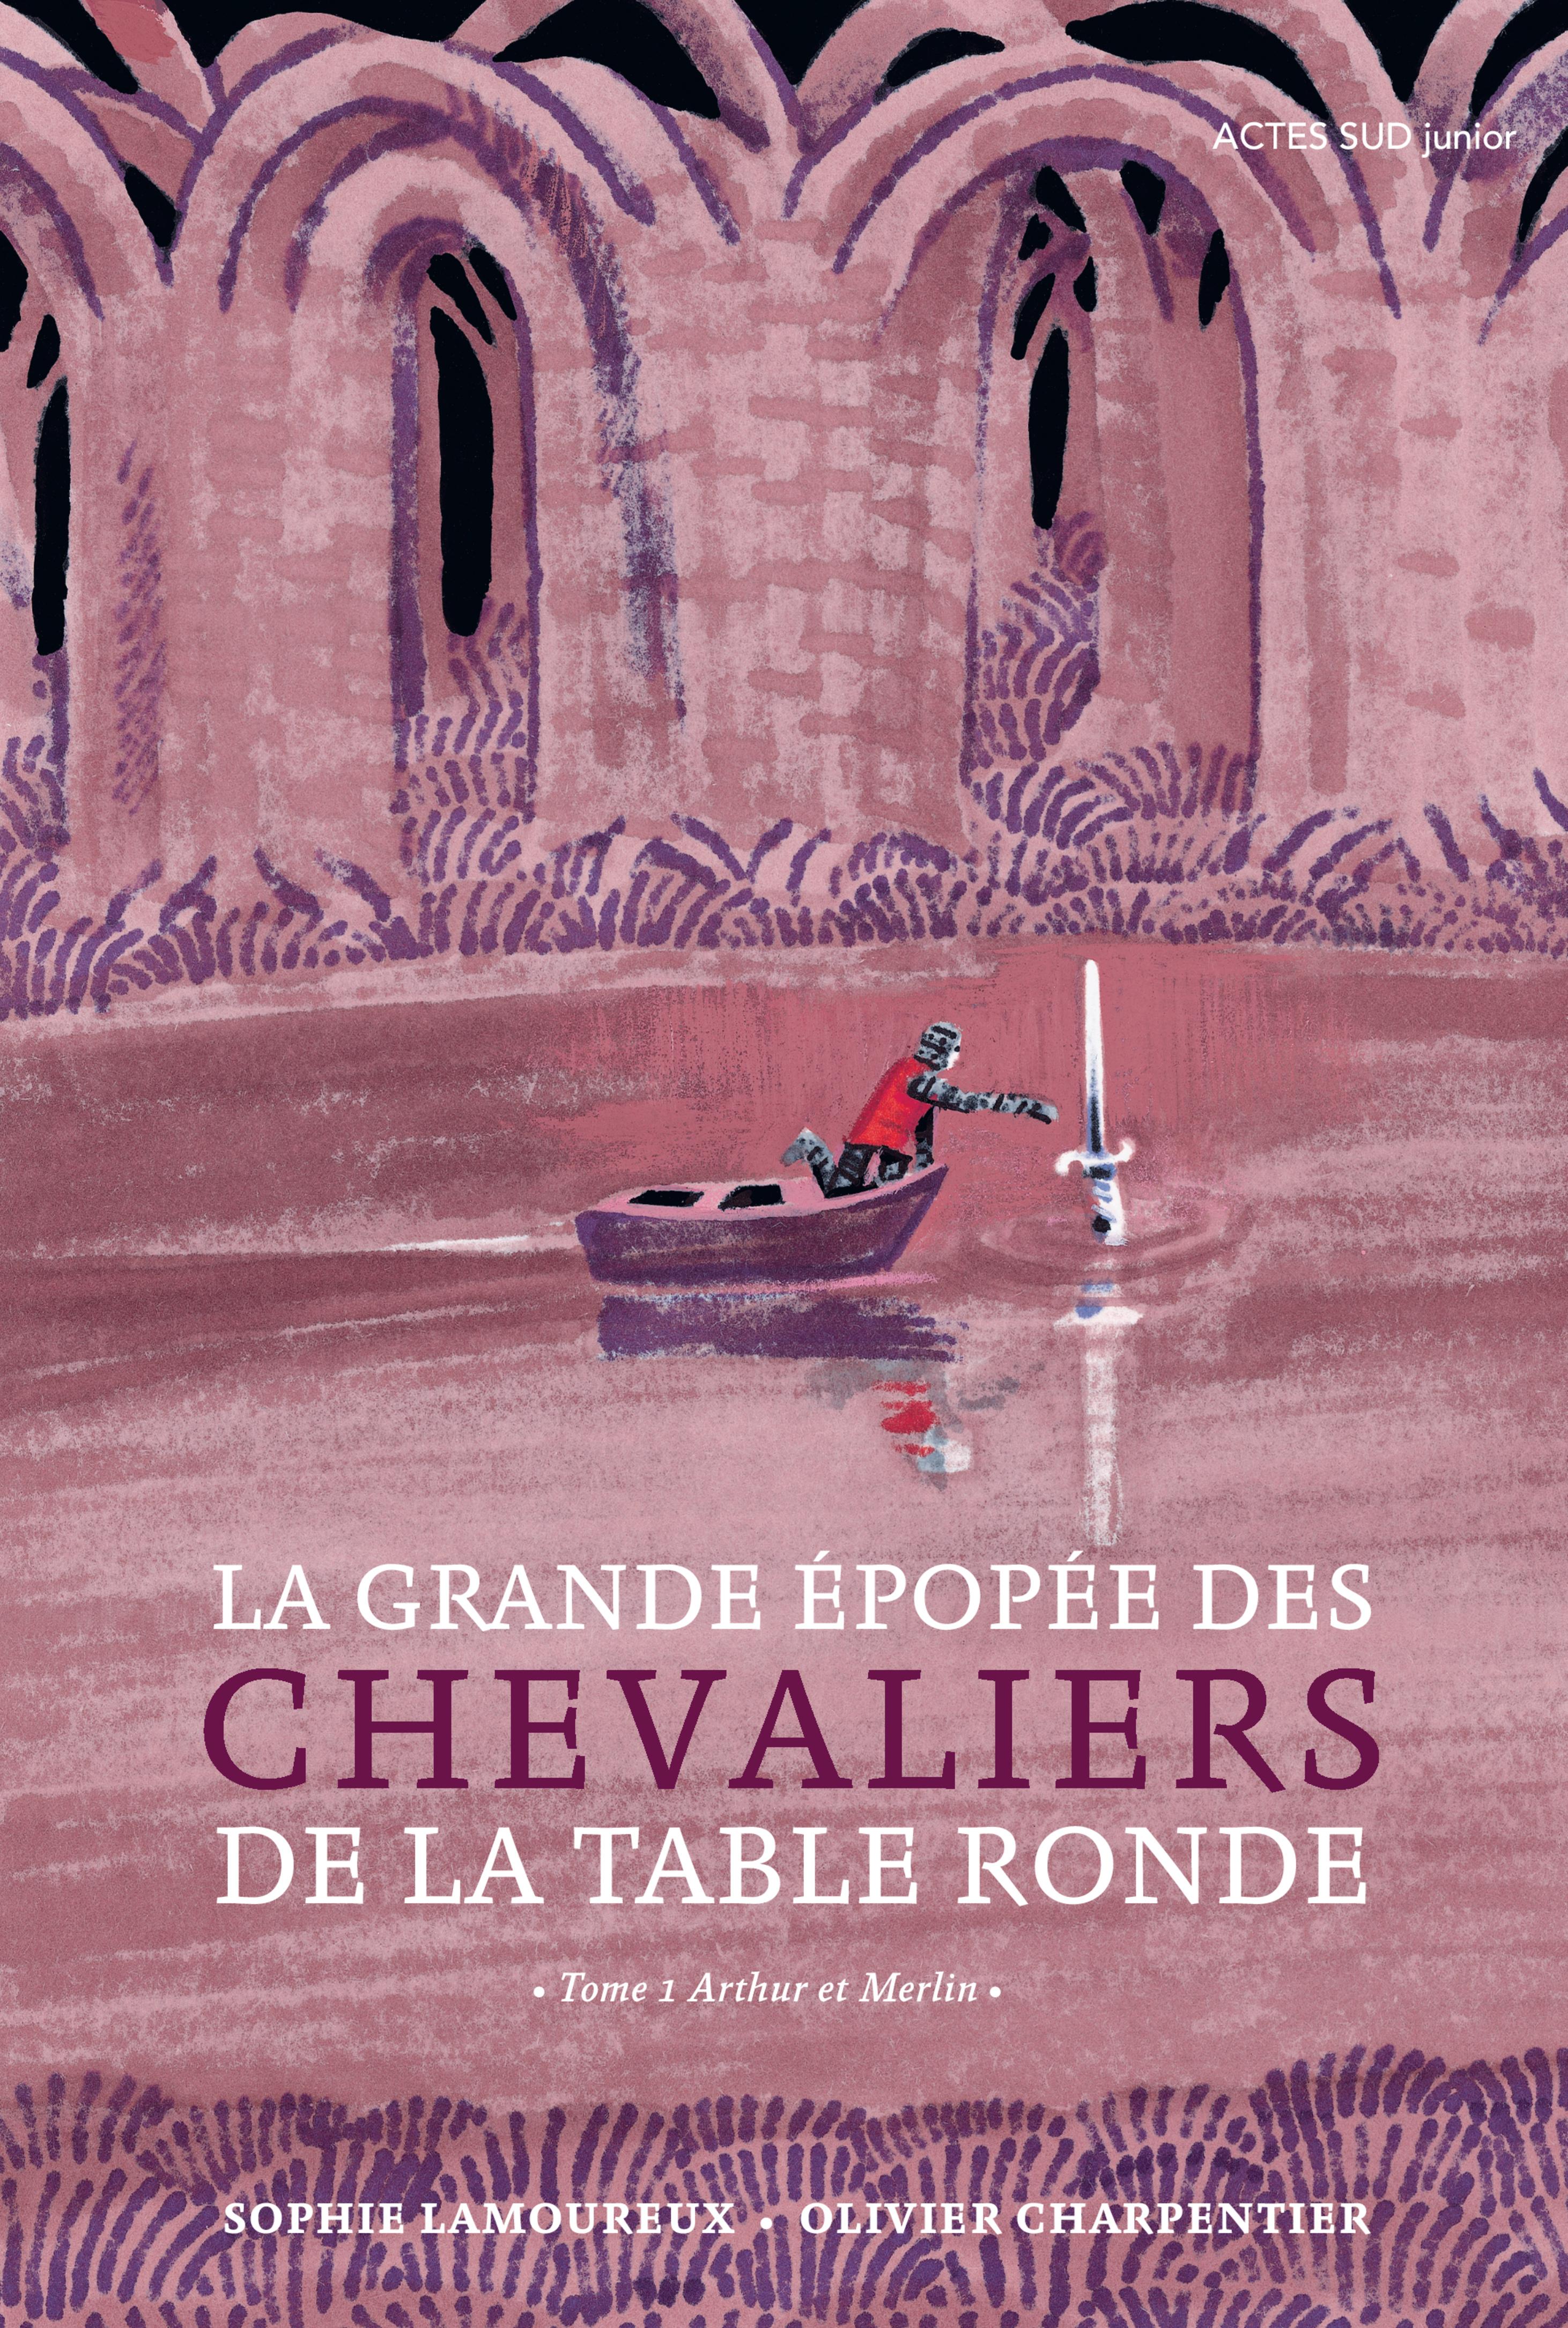 La Grande Epopée des chevaliers de la Table ronde T1 | Lamoureux, Sophie